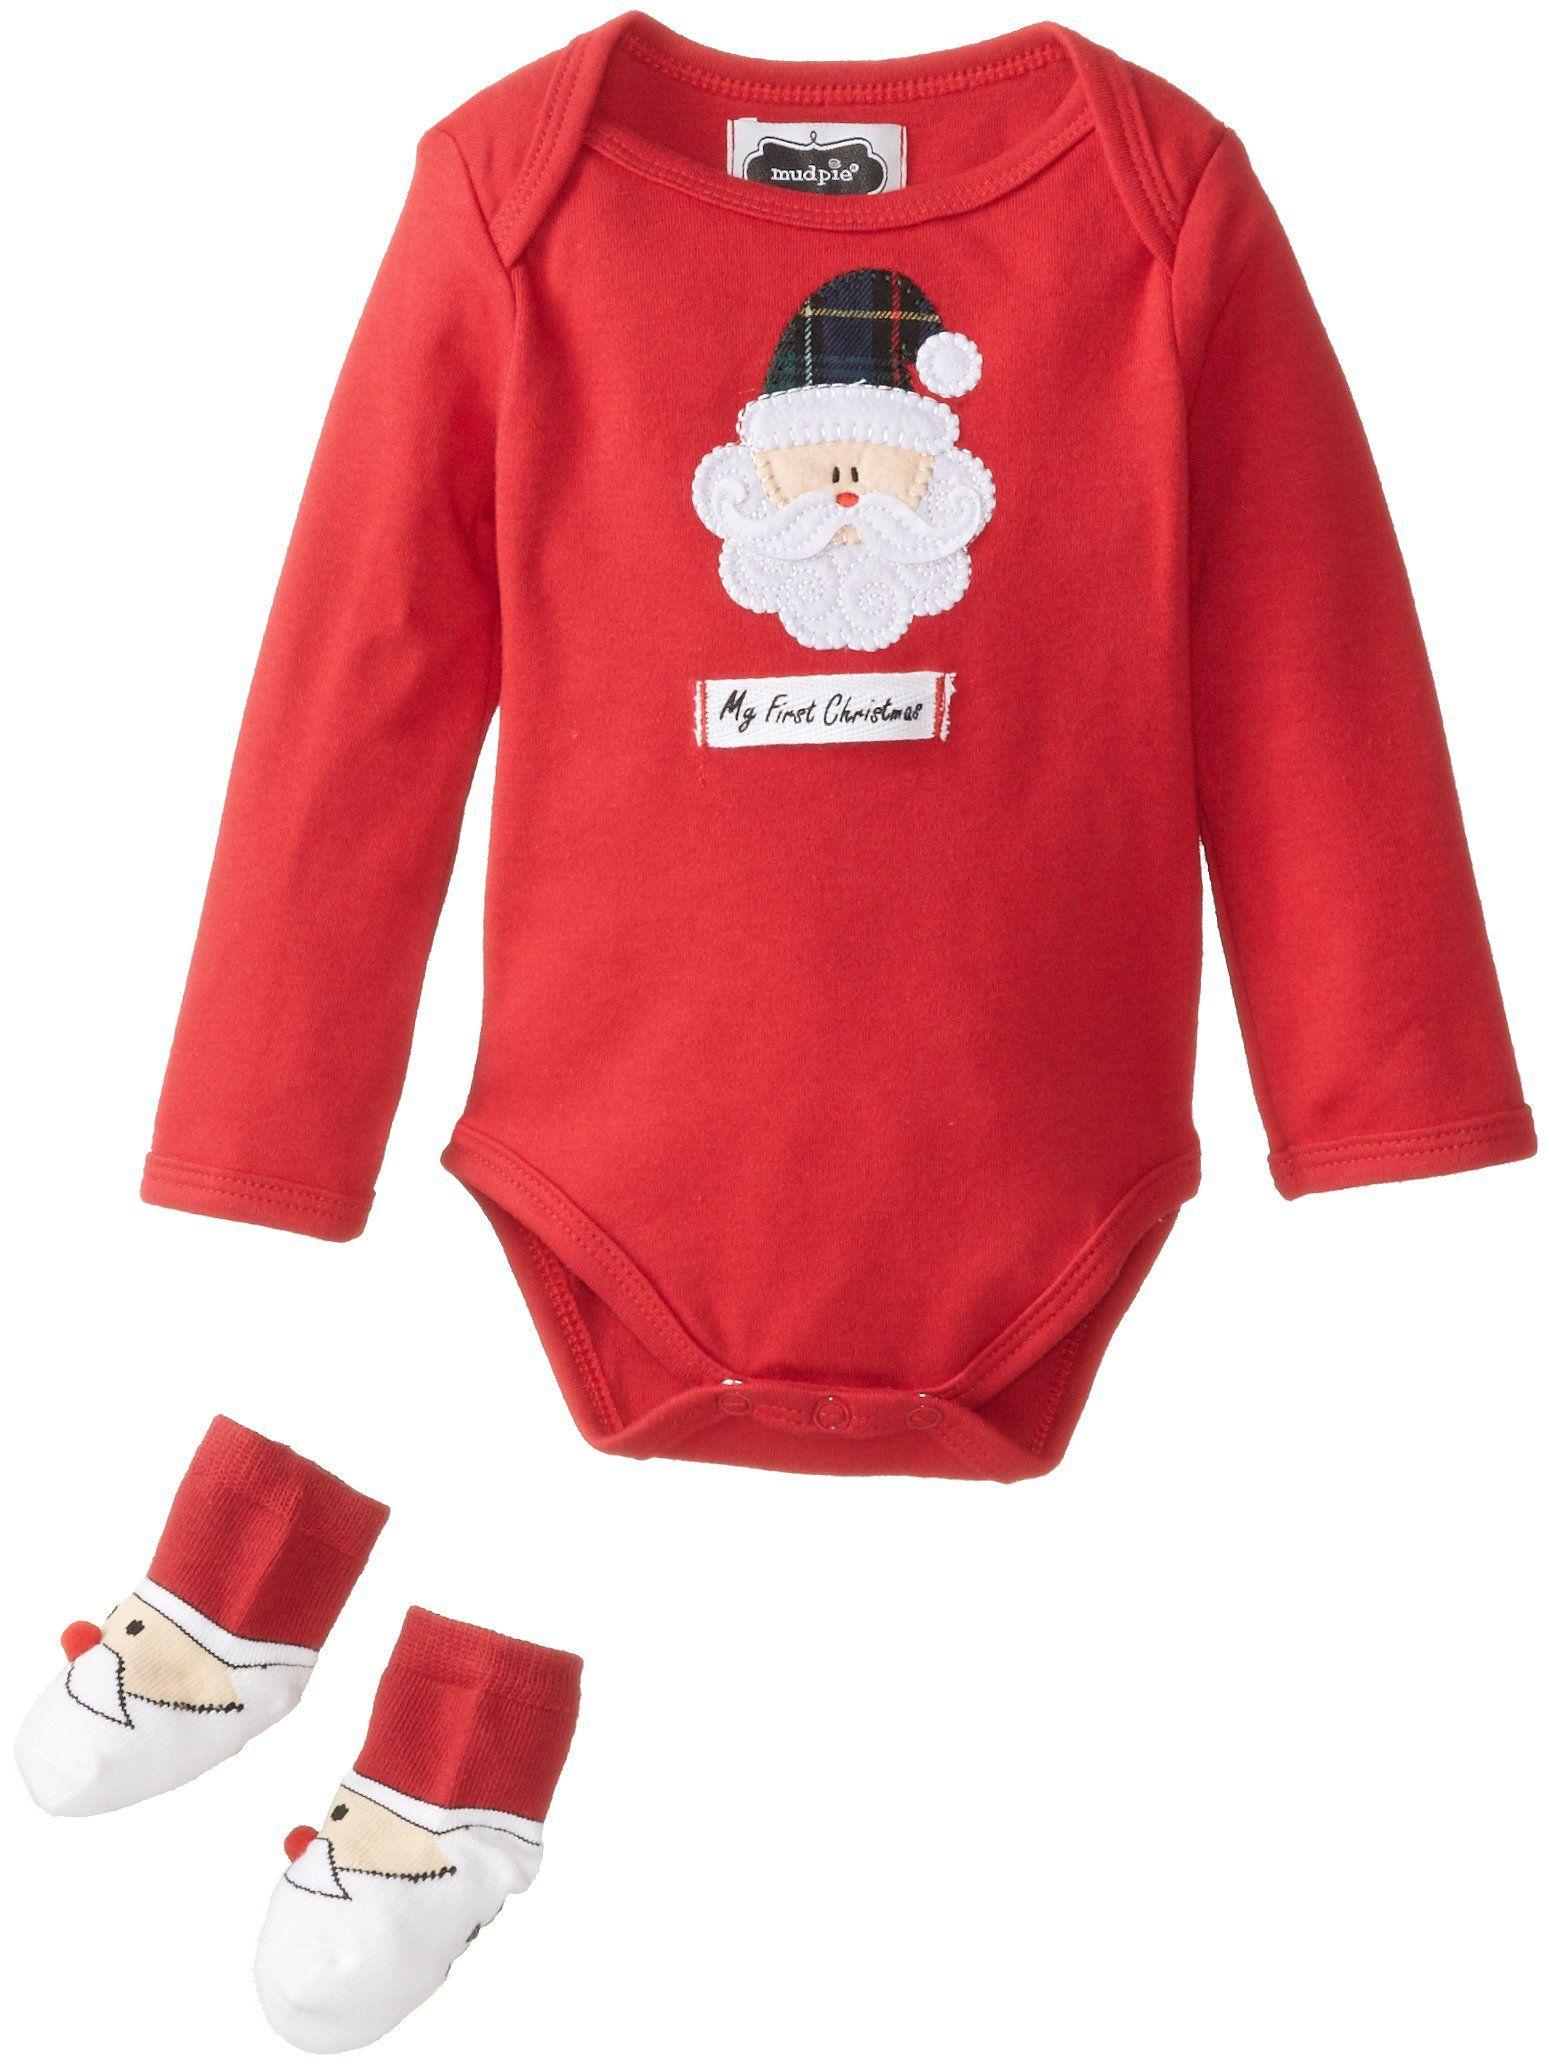 mud pie unisex baby newborn my first christmas boxed set red 0 - Mud Pie Christmas Pajamas